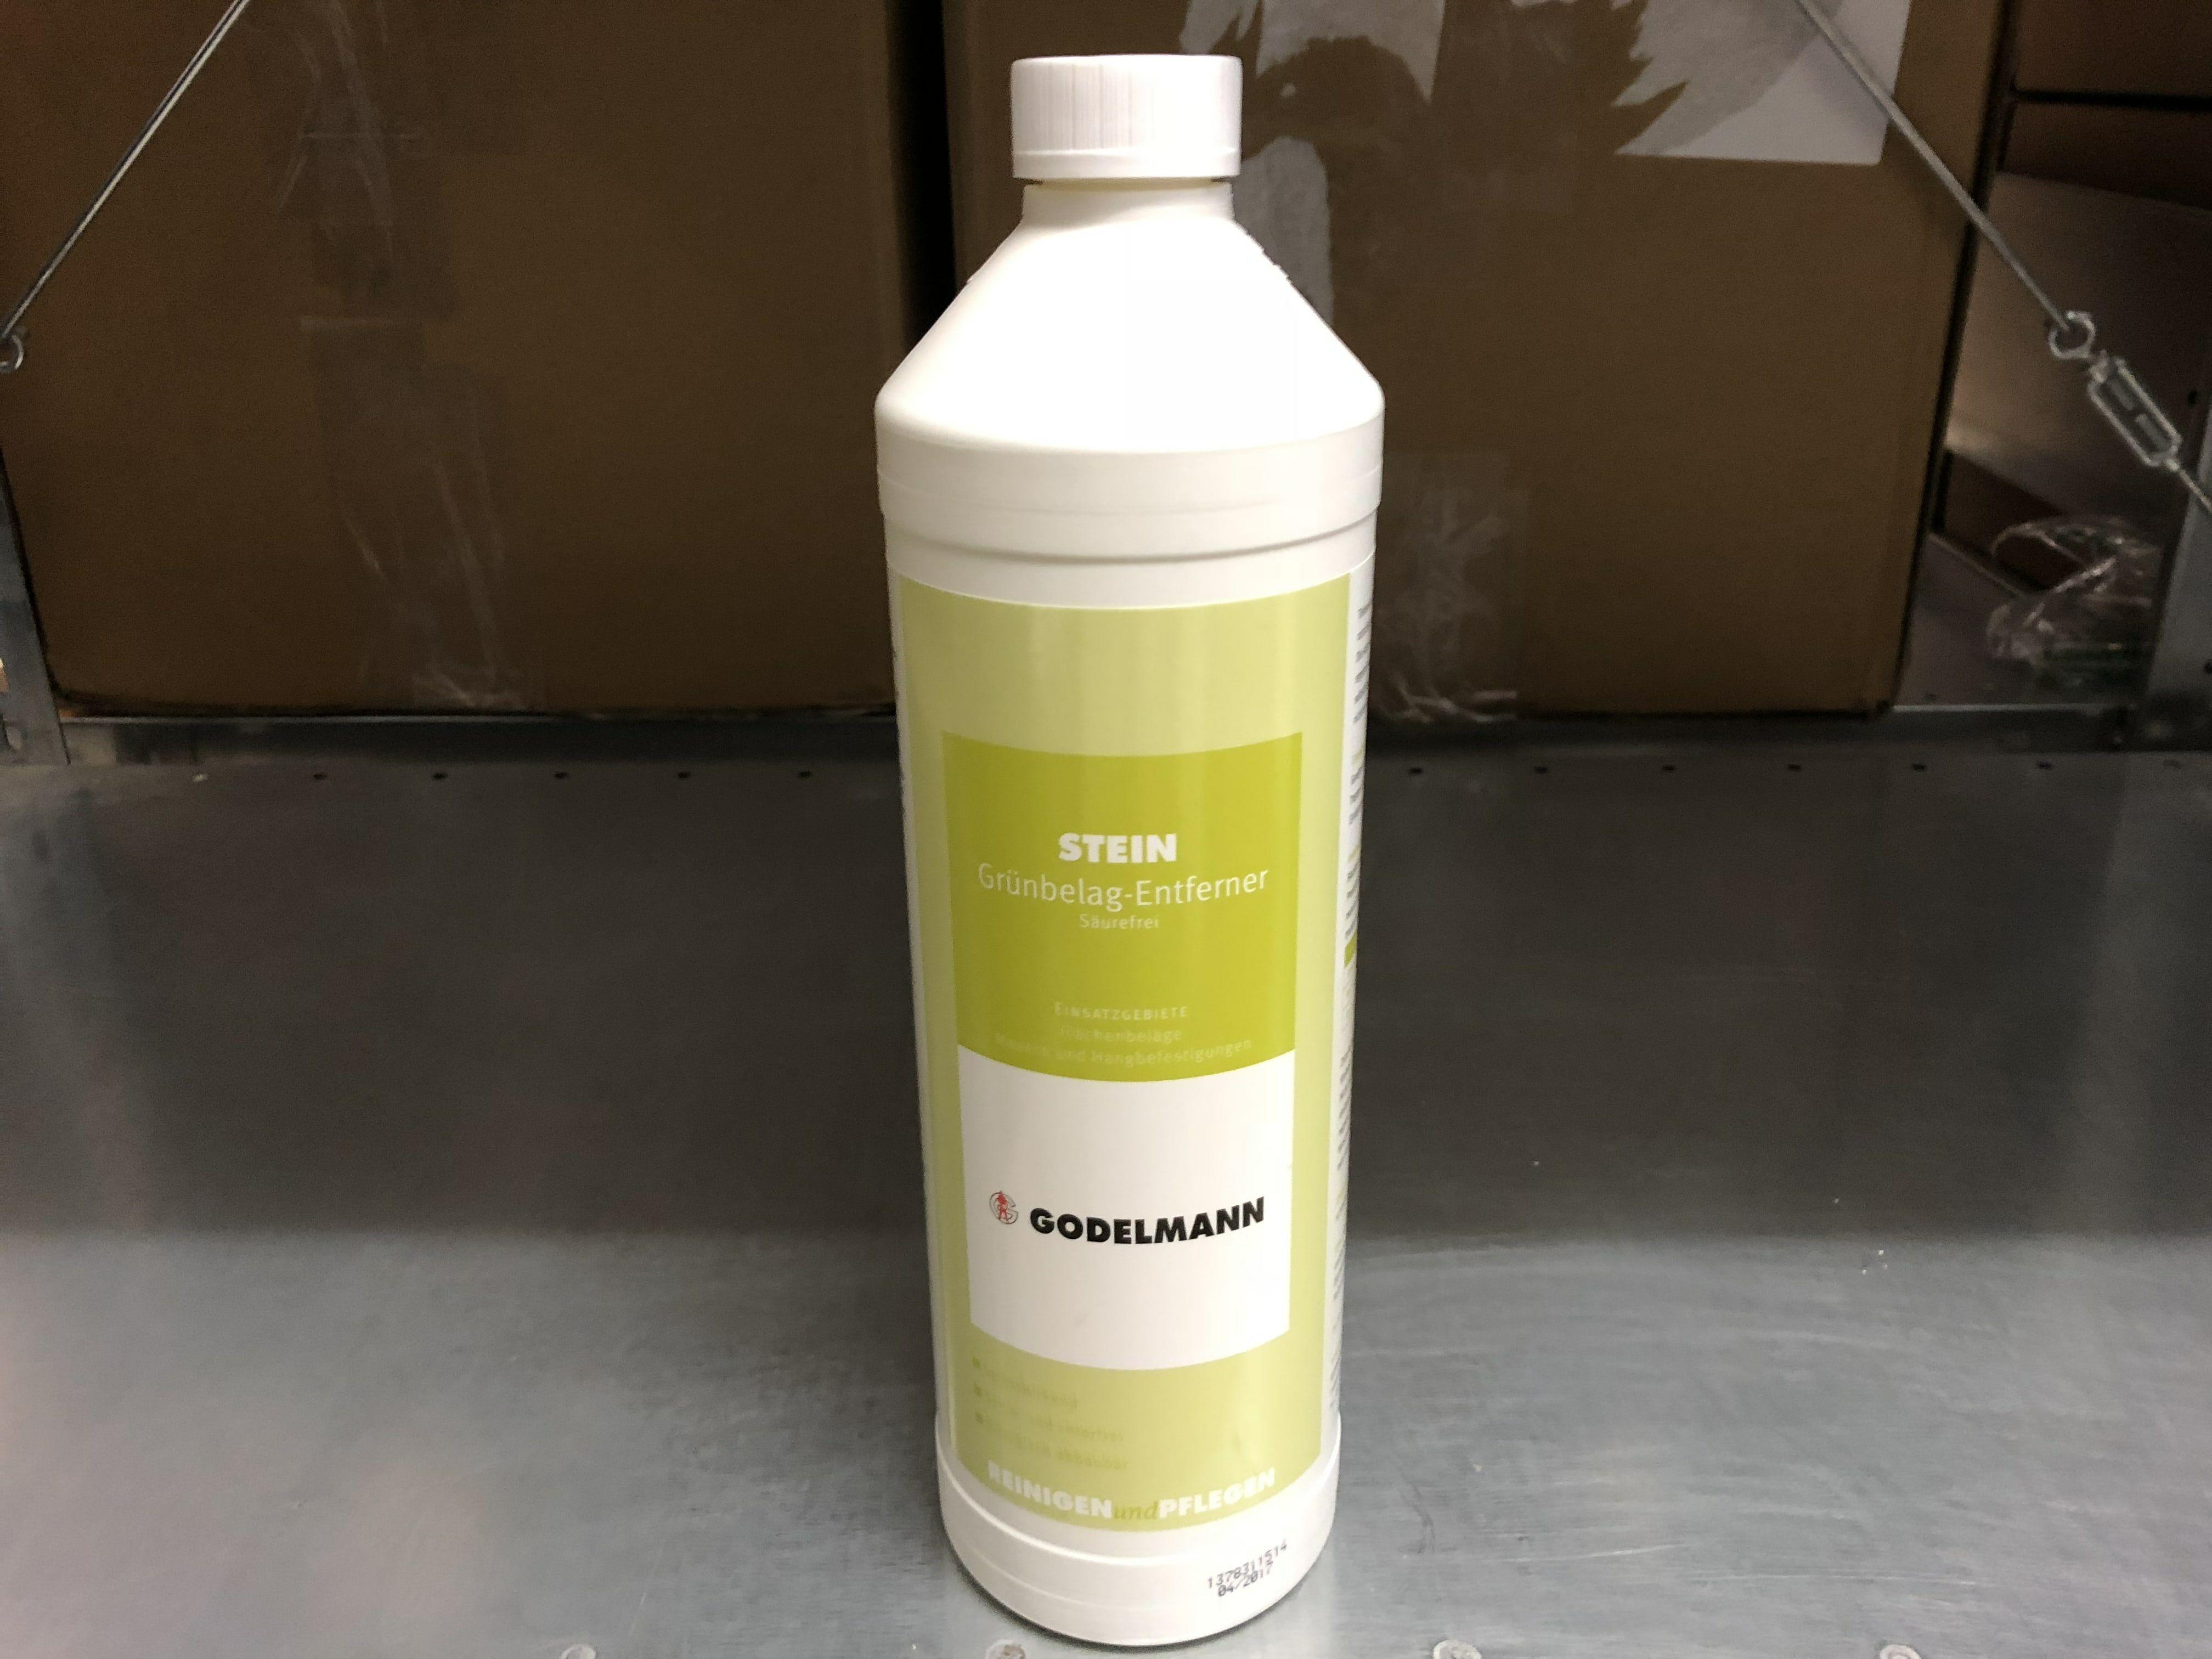 Grünbelag-Entferner 1000 ml